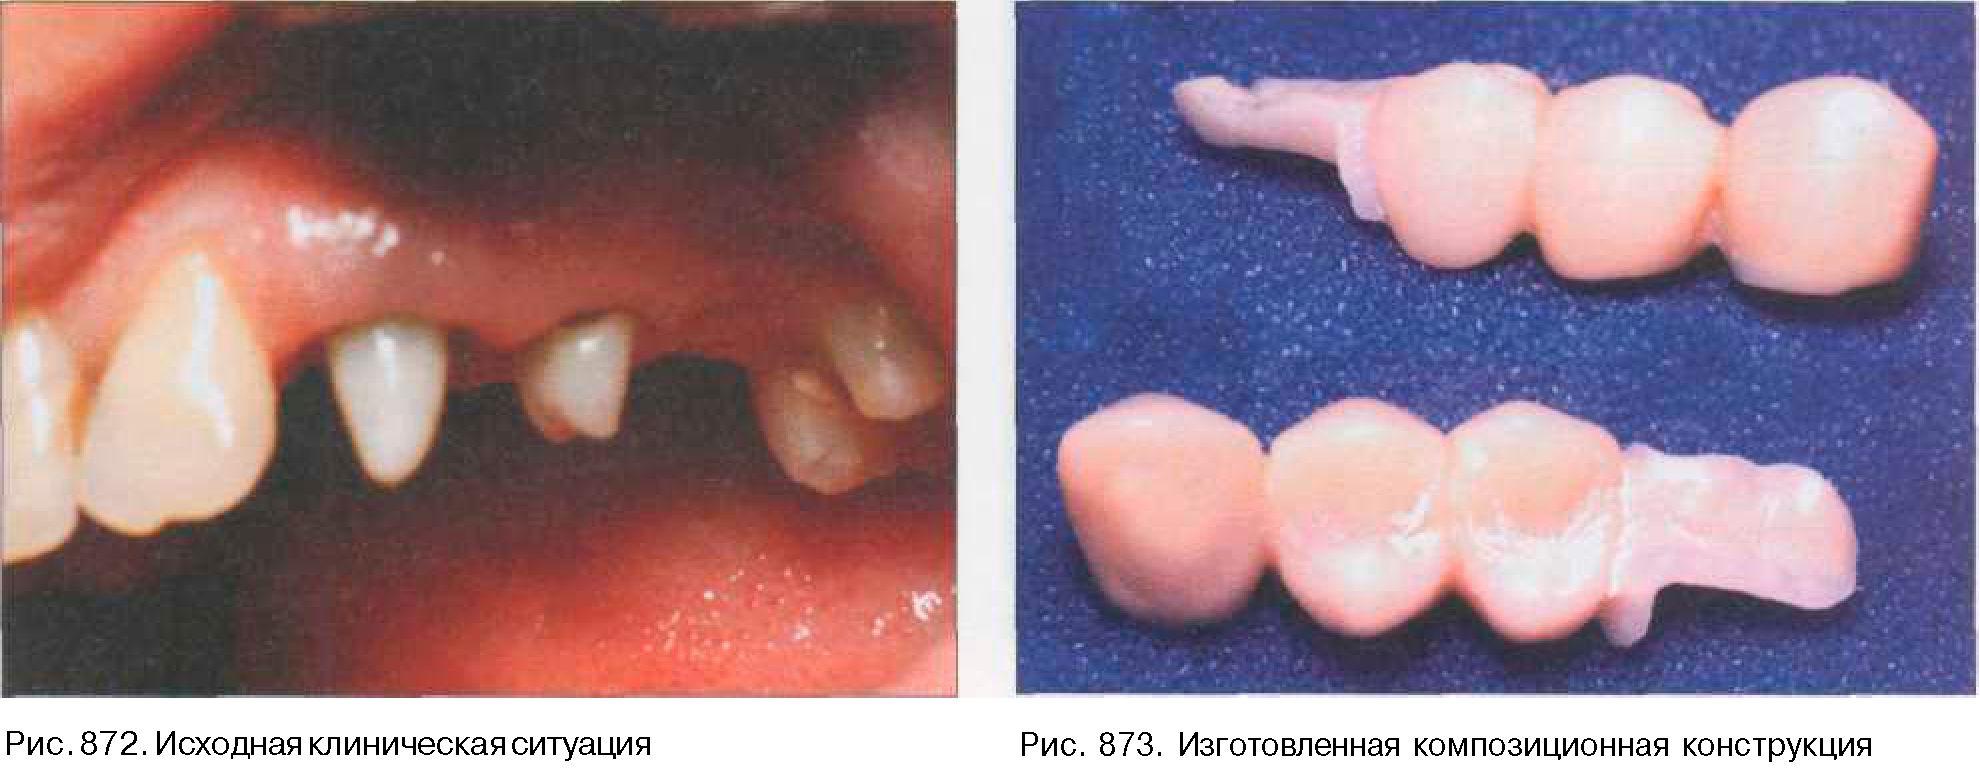 Реставрация фронтальных и боковых групп зубов